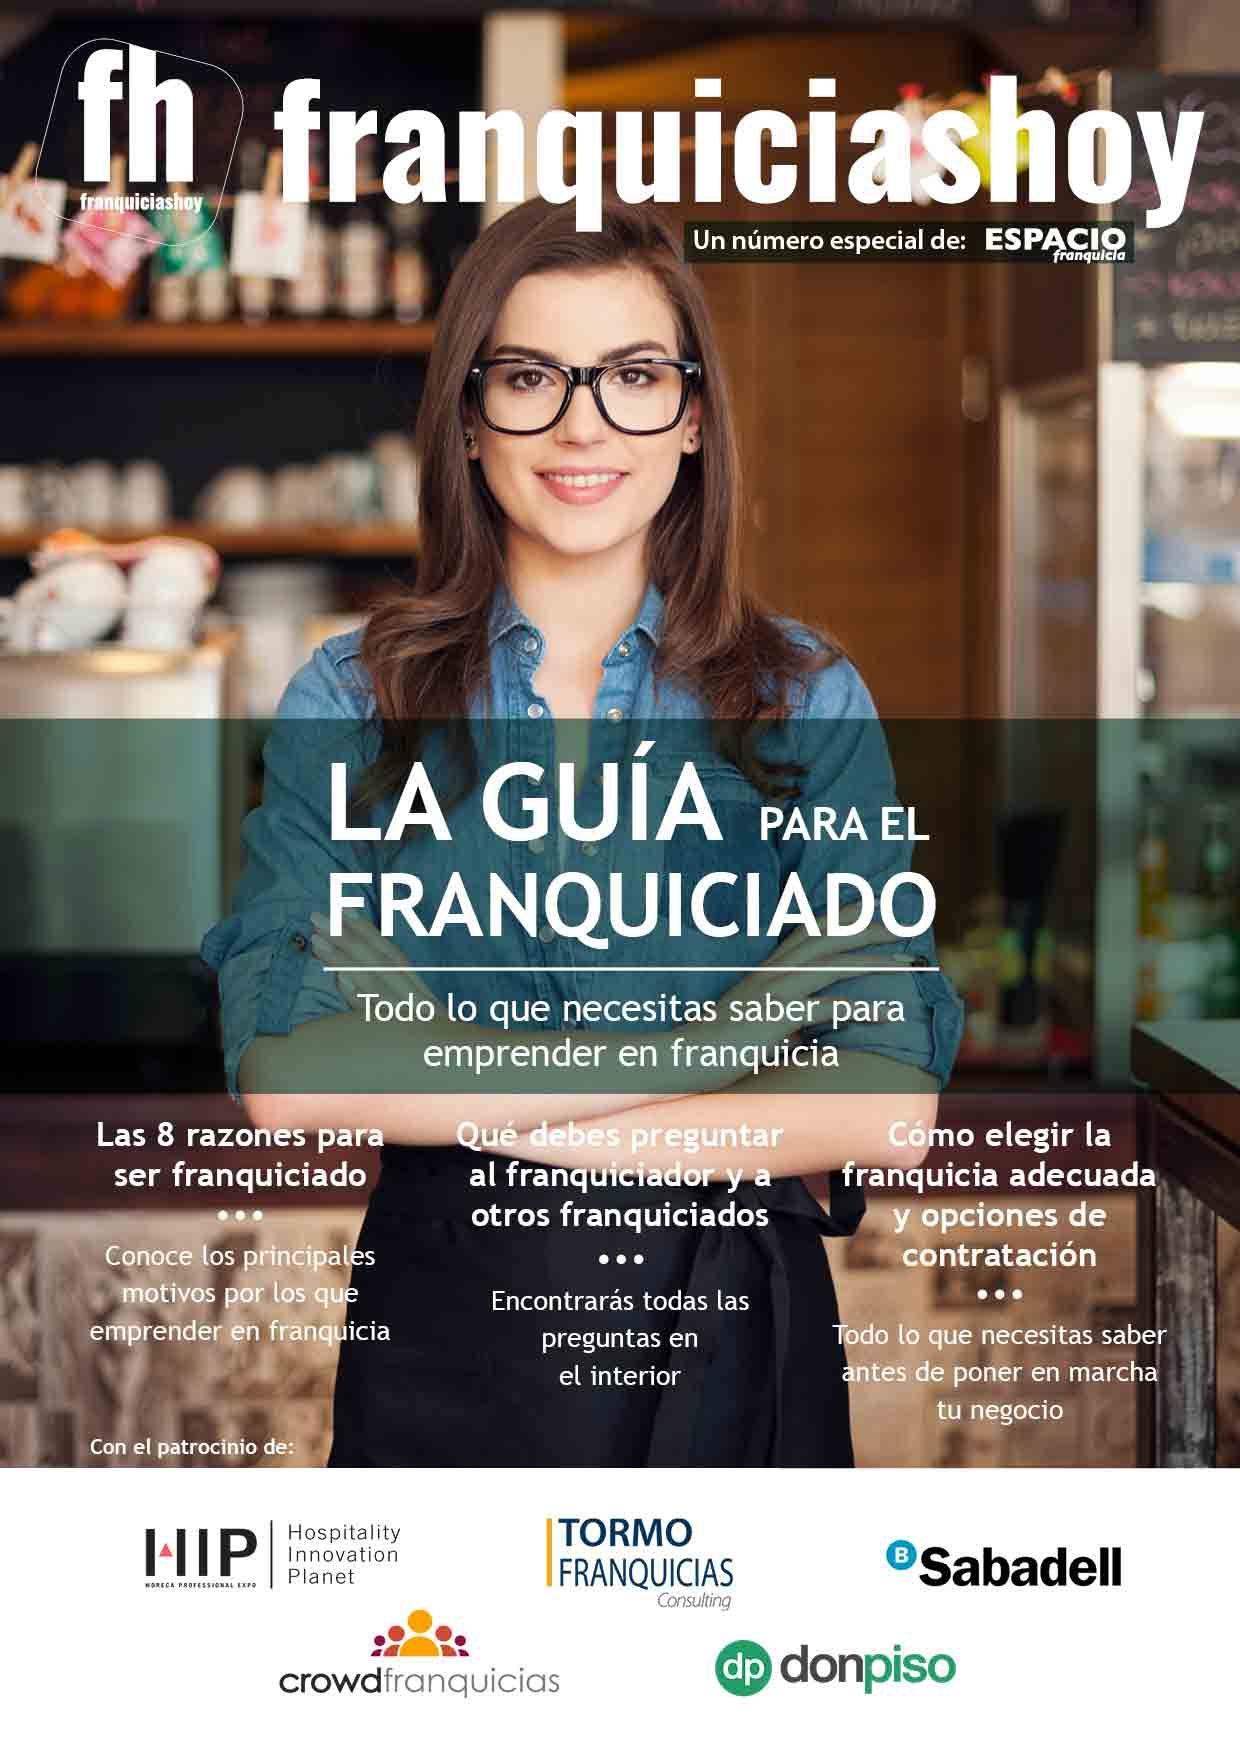 FranquiciasHoy, portal del grupo Tormo Franquicias, lanza la primera Guía para el Franquiciado